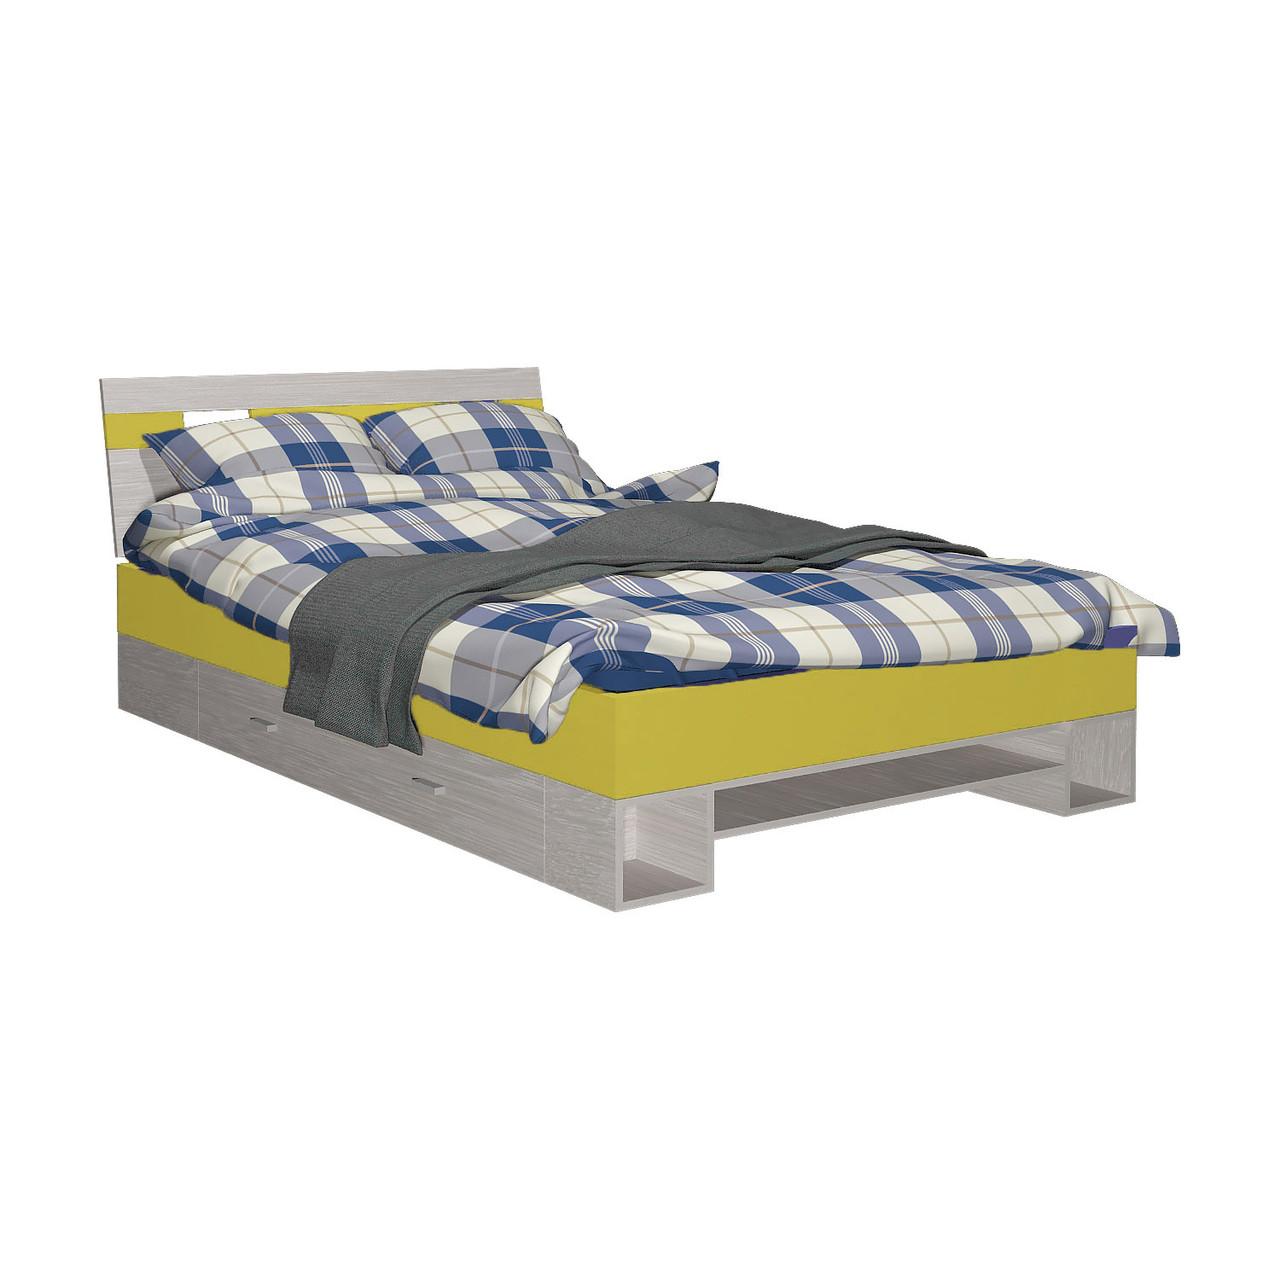 Ліжко дитяче з ДСП/МДФ AXEL R Blonski атлант+жовтий